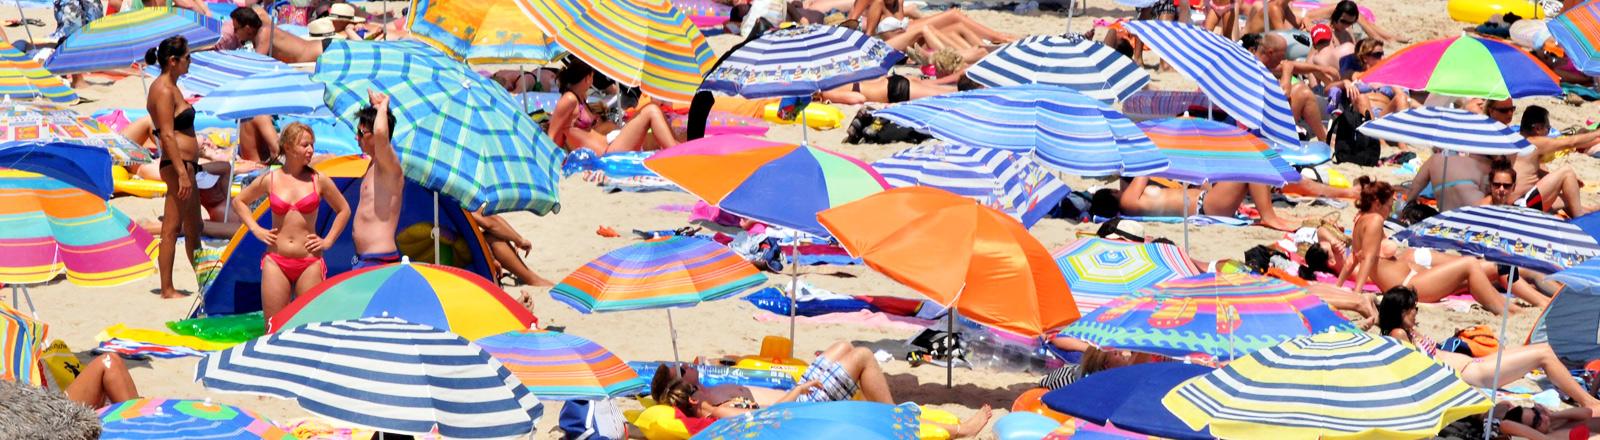 Unzählige Urlauber tummeln sich mit Sonnenschirmen und Strandliegen auf der Insel Mallorca